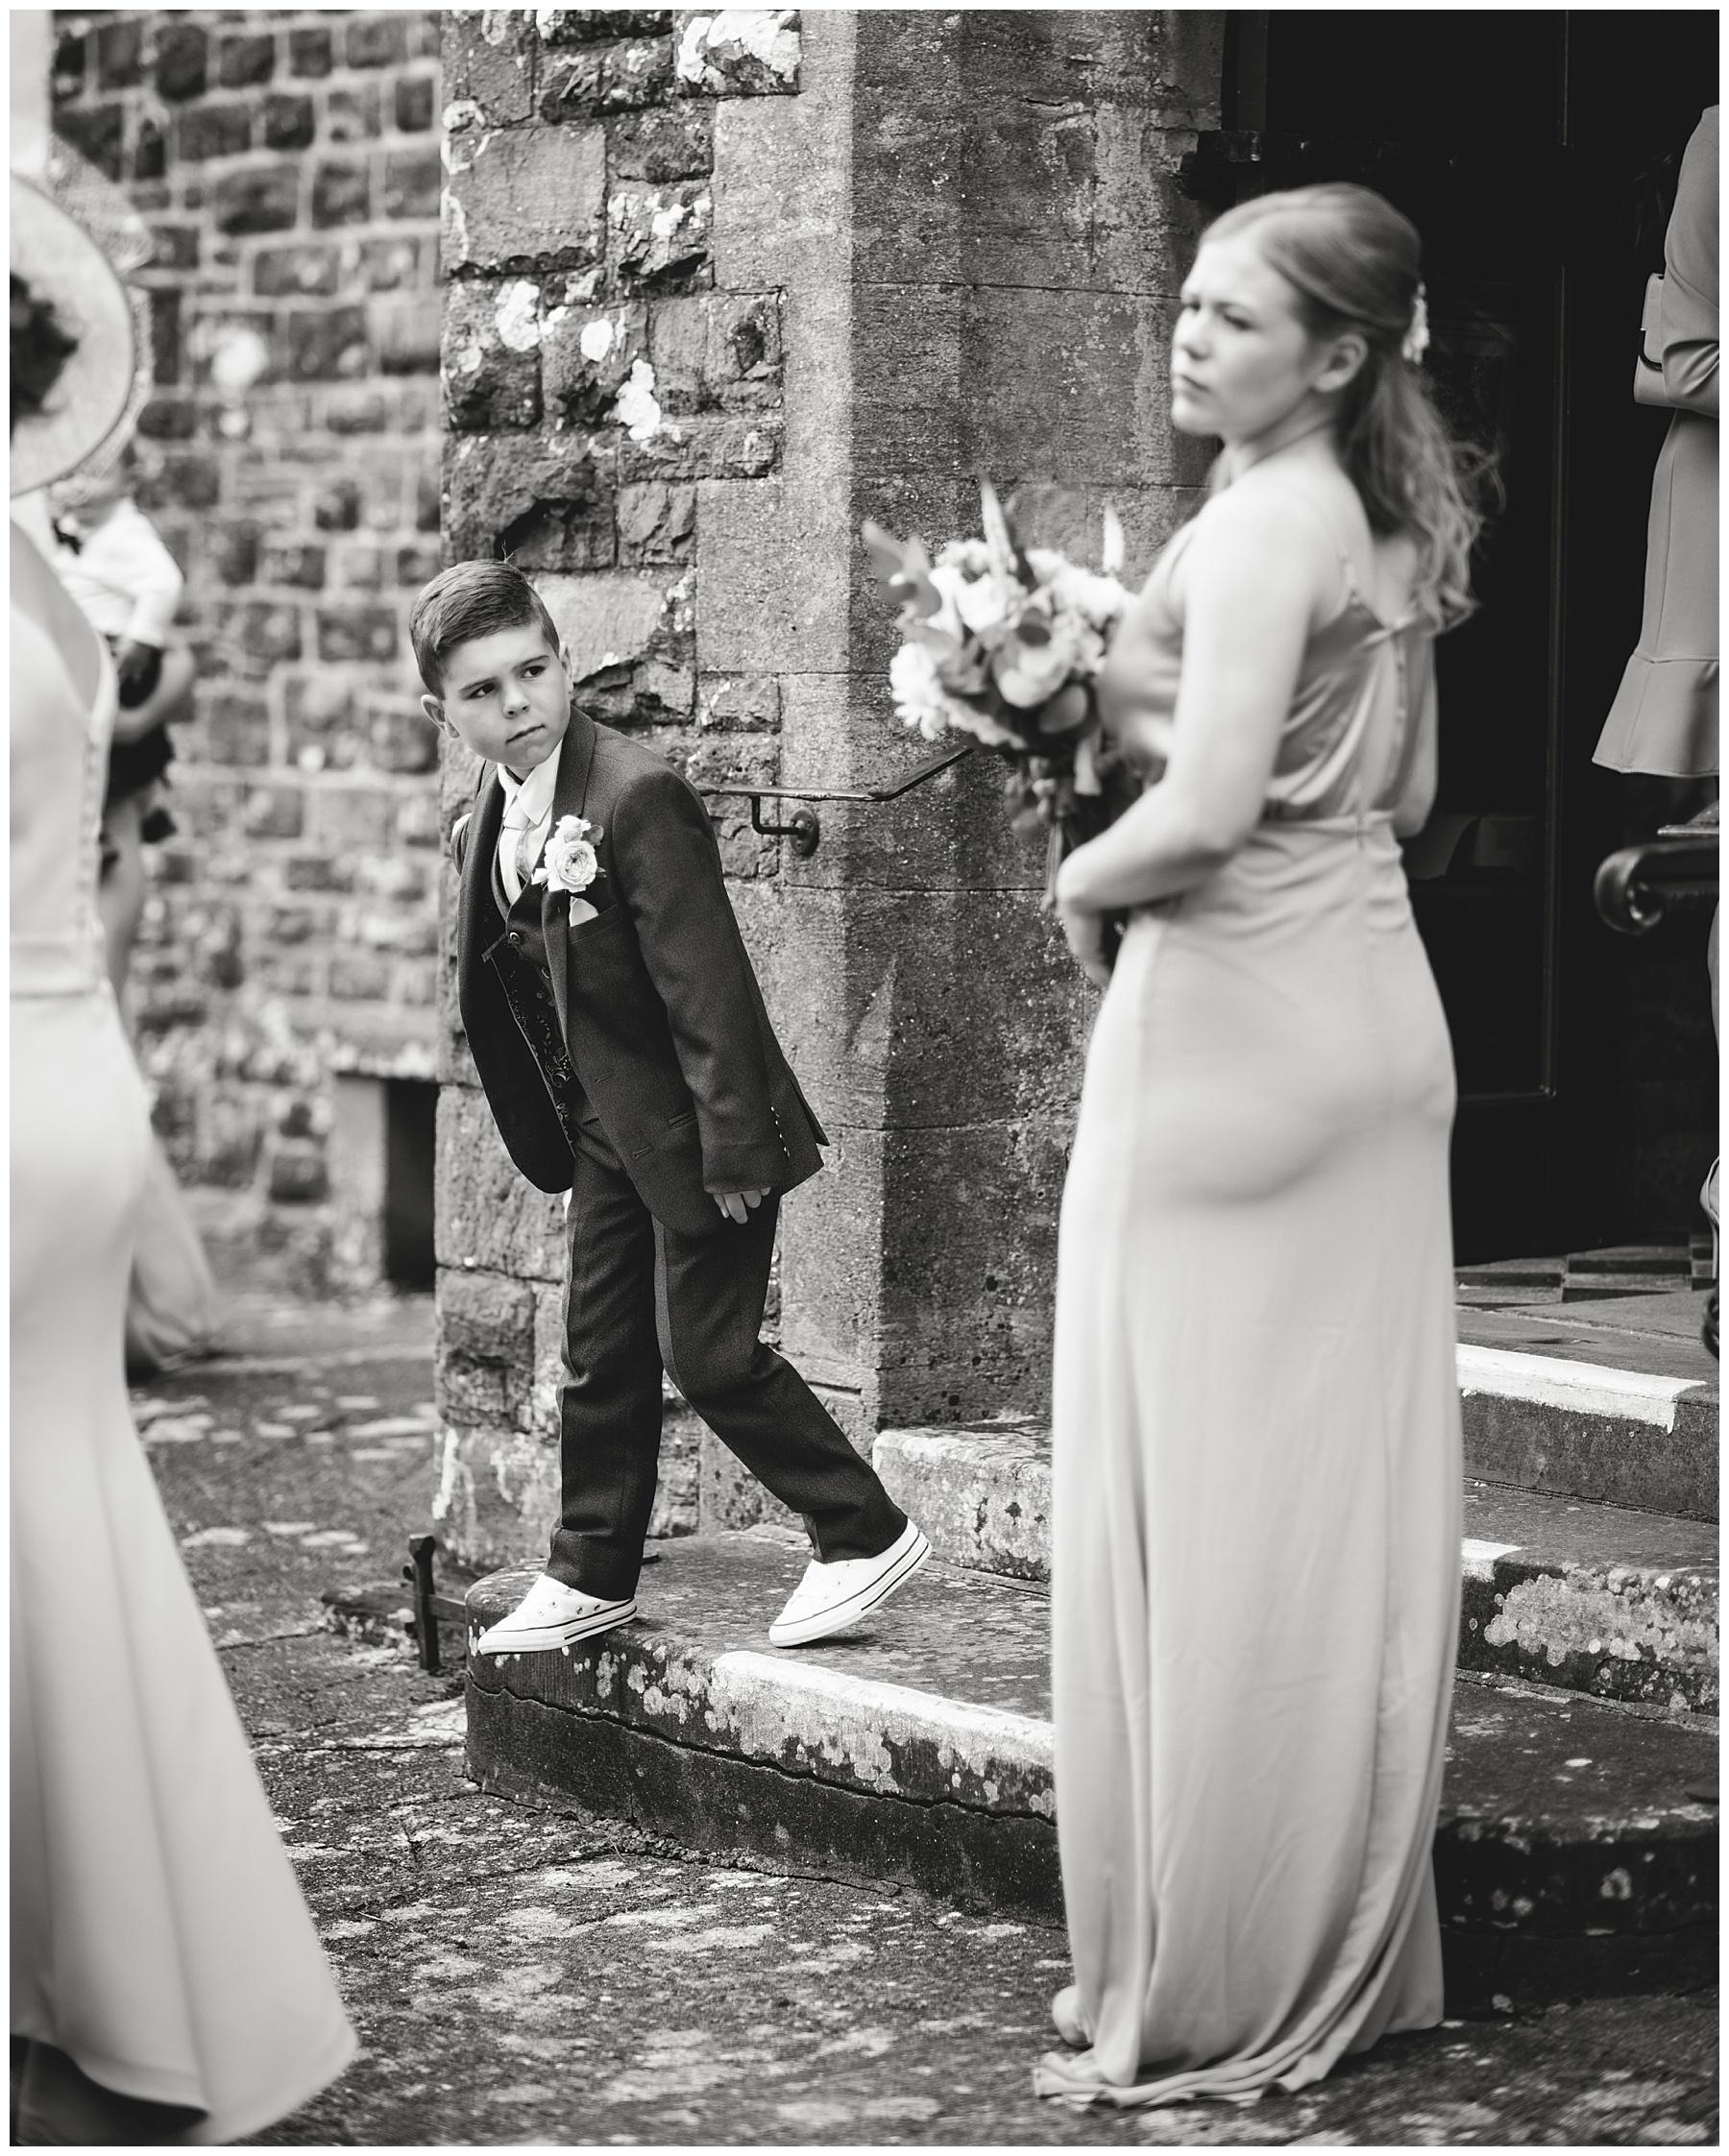 Page Boy at Church Wedding